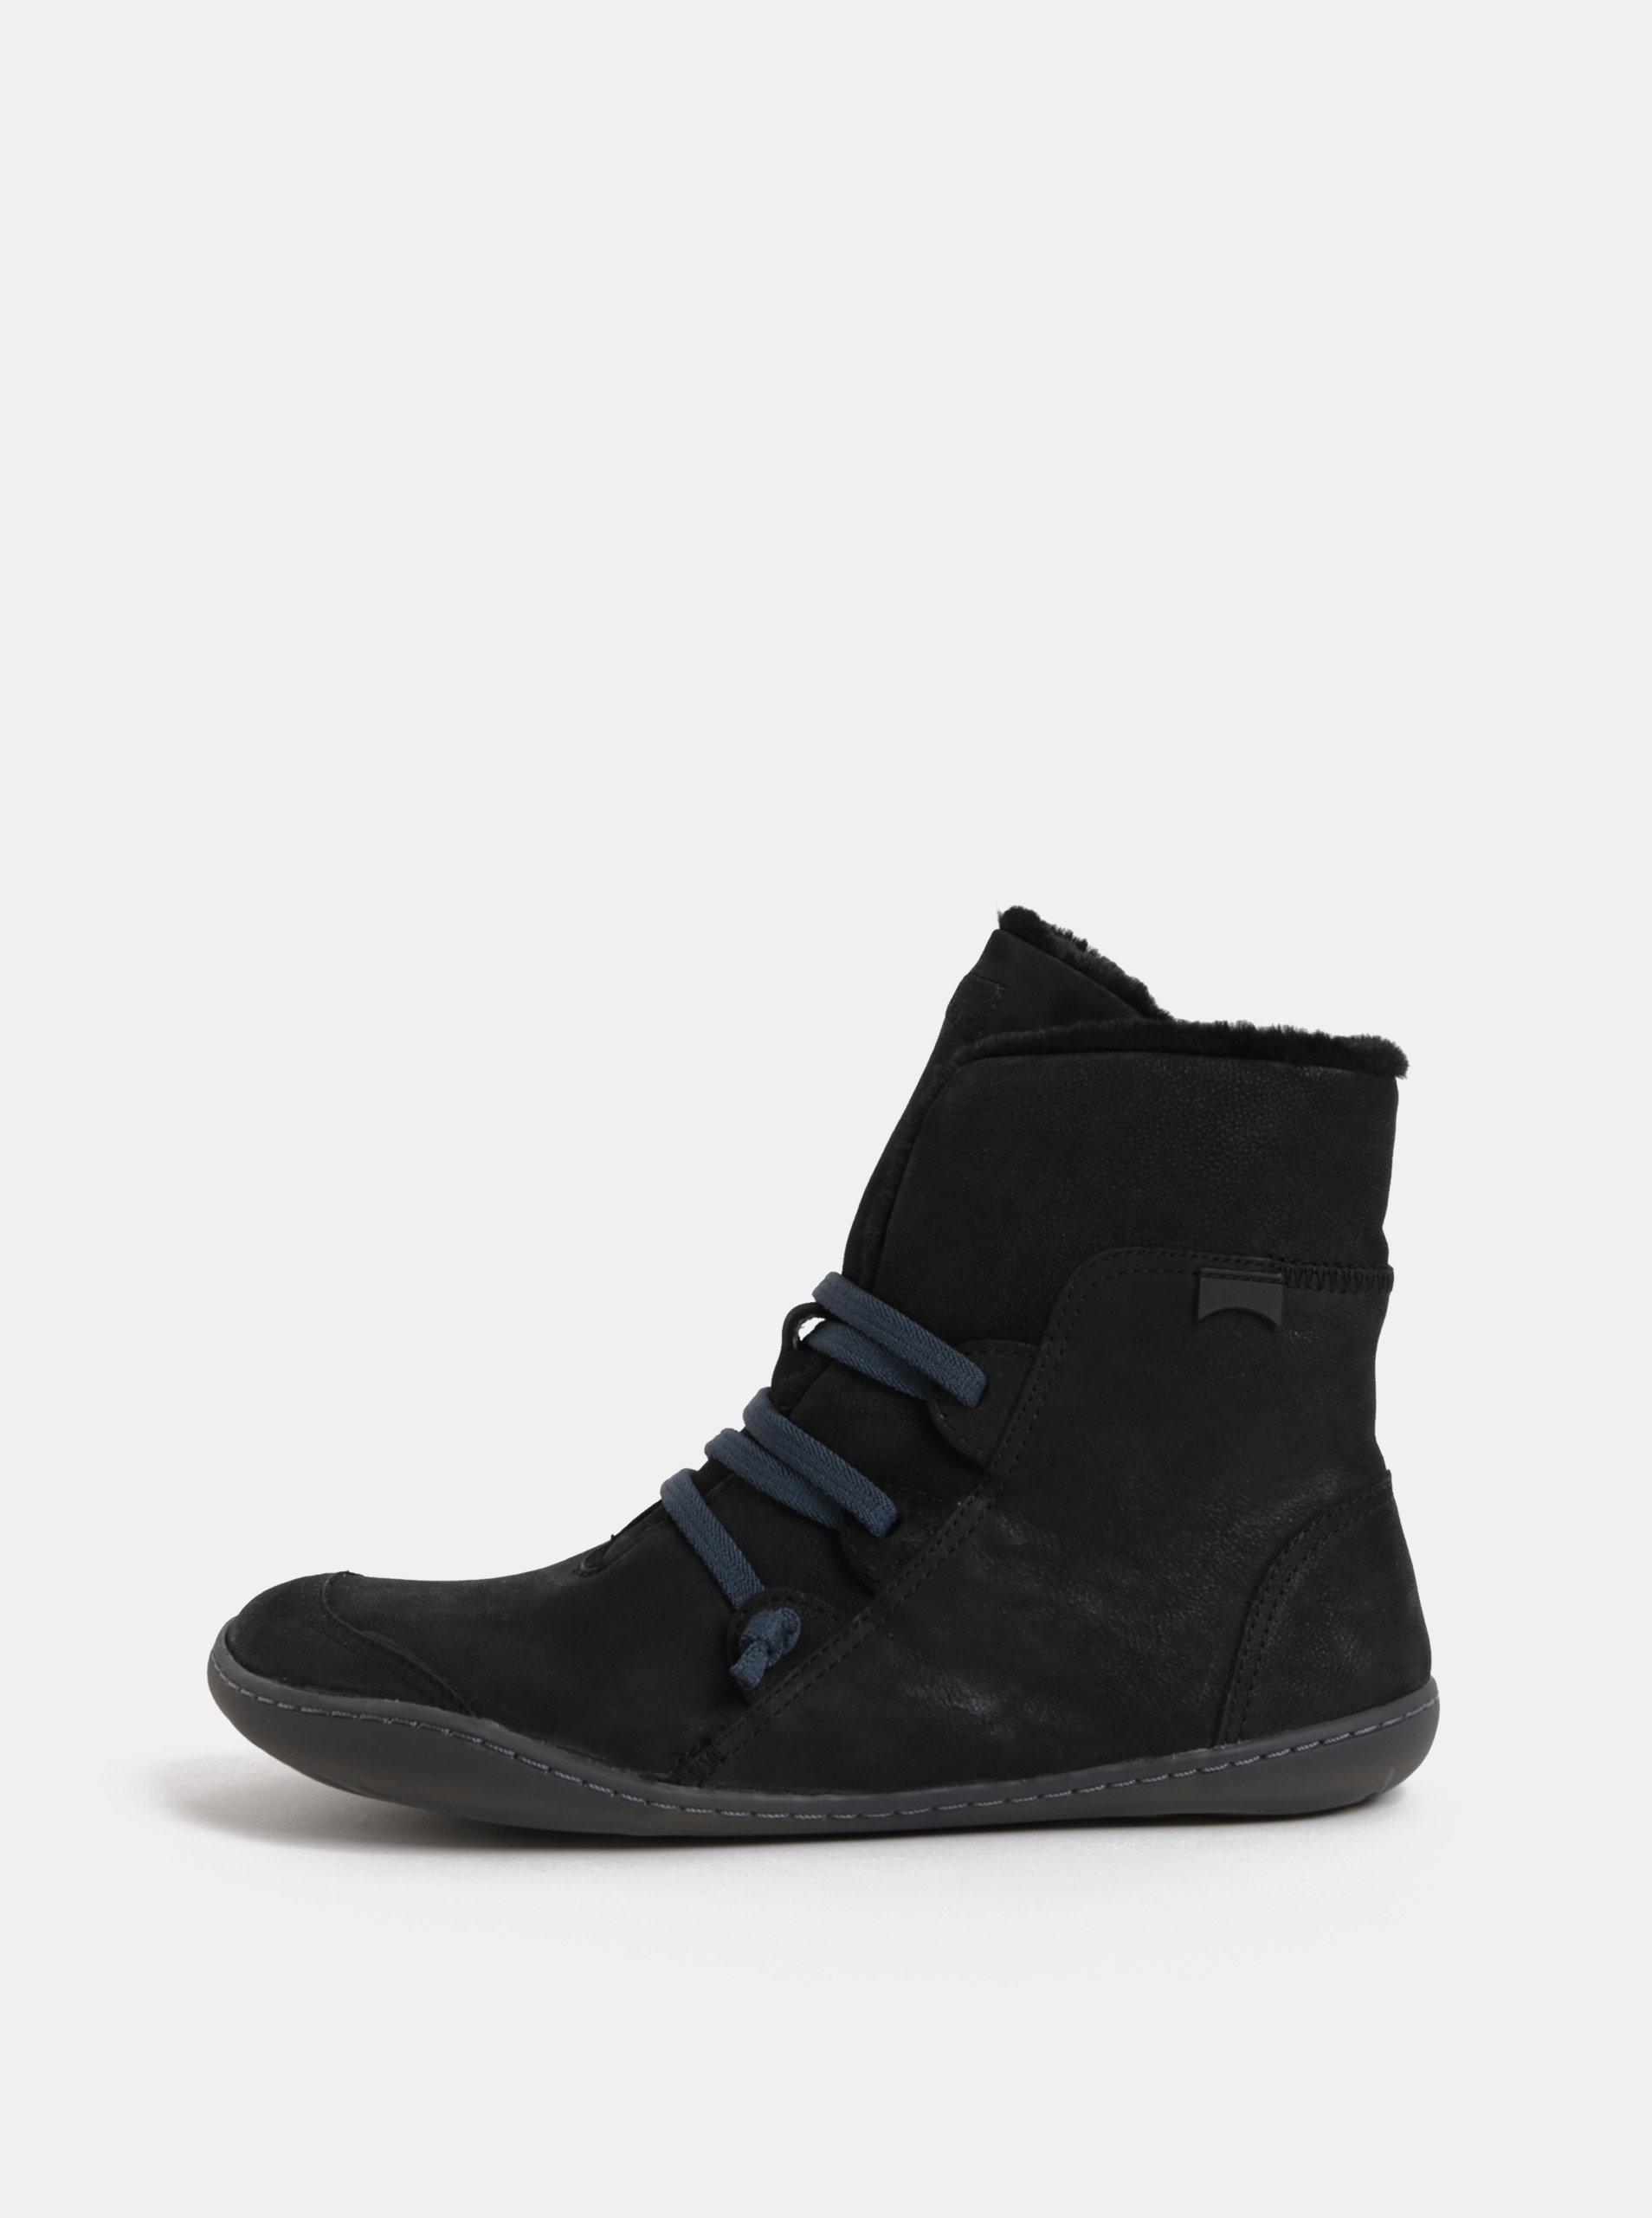 b4cc6e06861 Černé dámské kožené kotníkové zimní boty s vnitřním umělým kožíškem Camper  Cami Hell ...